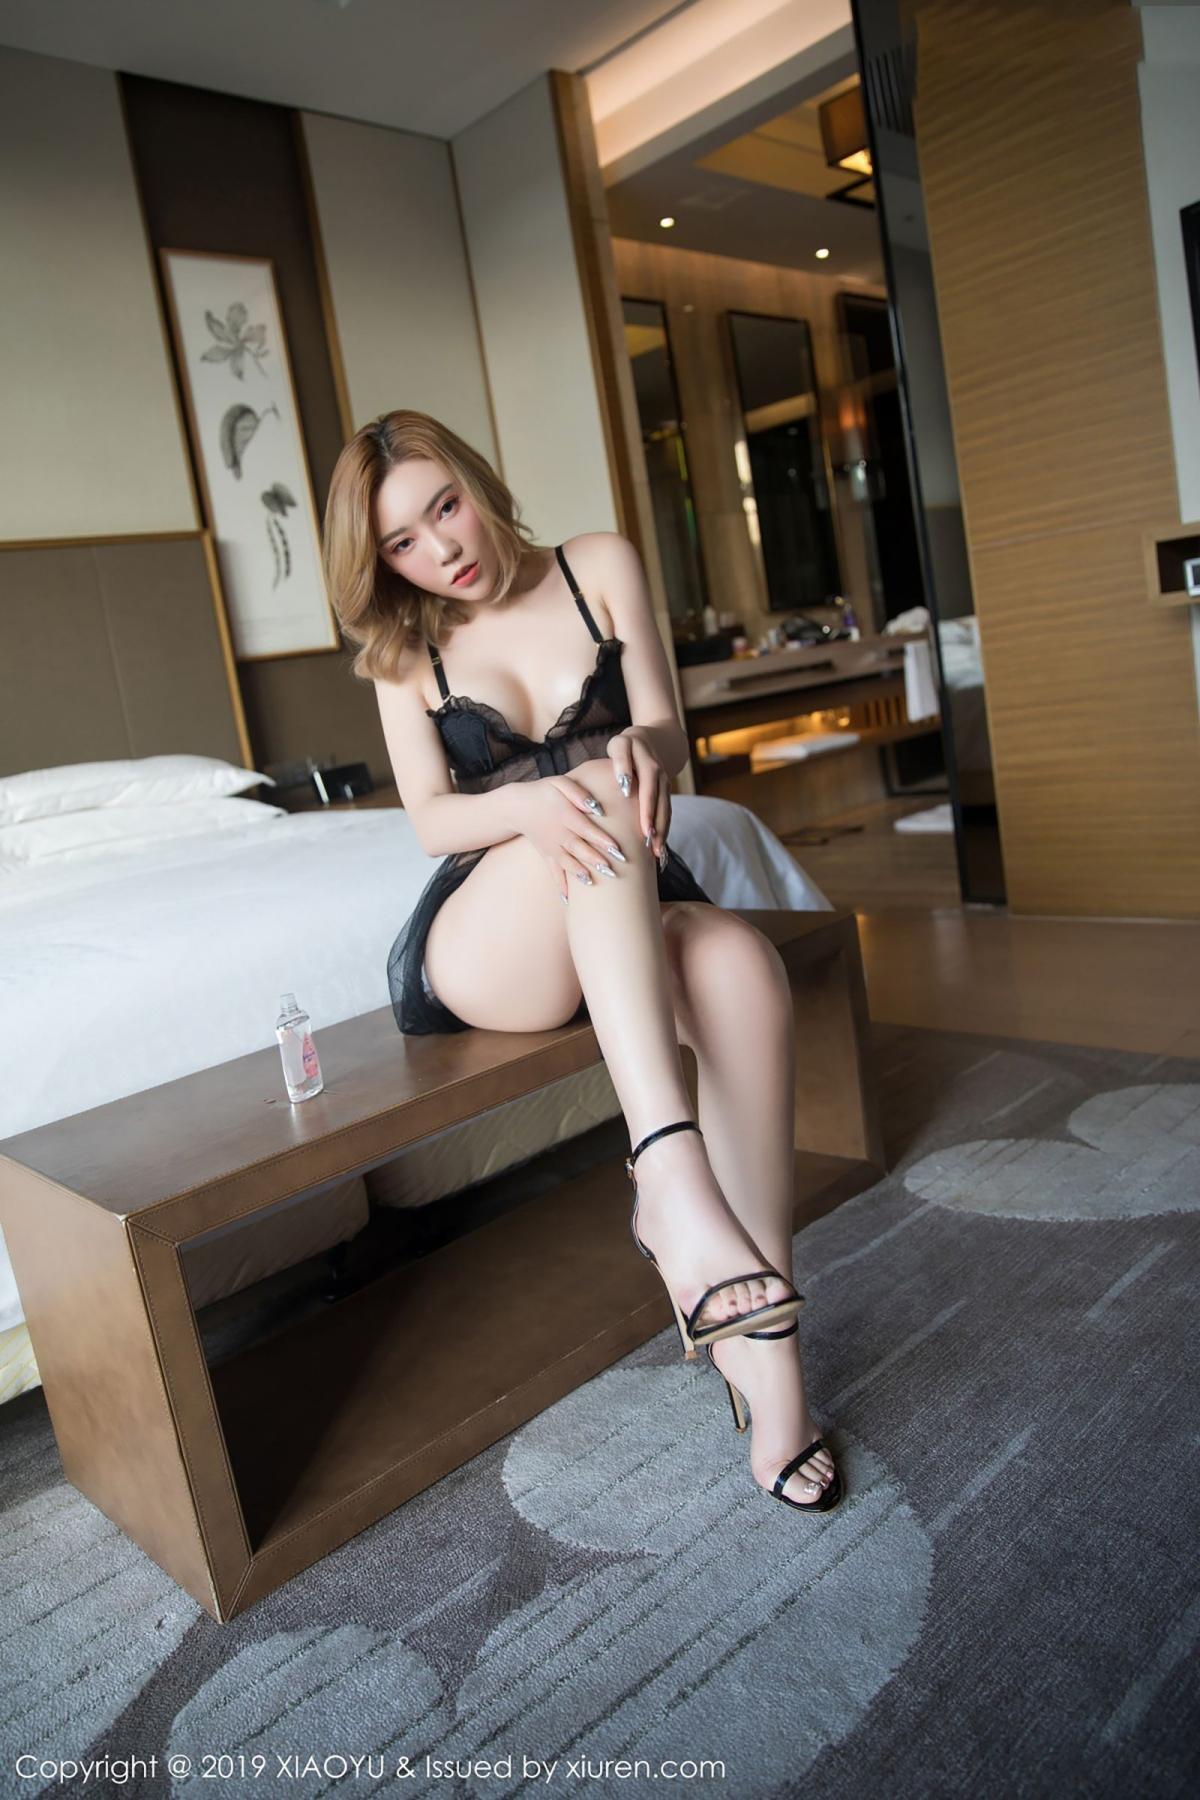 [XiaoYu] Vol.050 Hanyao Meng 18P, Black Silk, Meng Han Yao, Underwear, XiaoYu